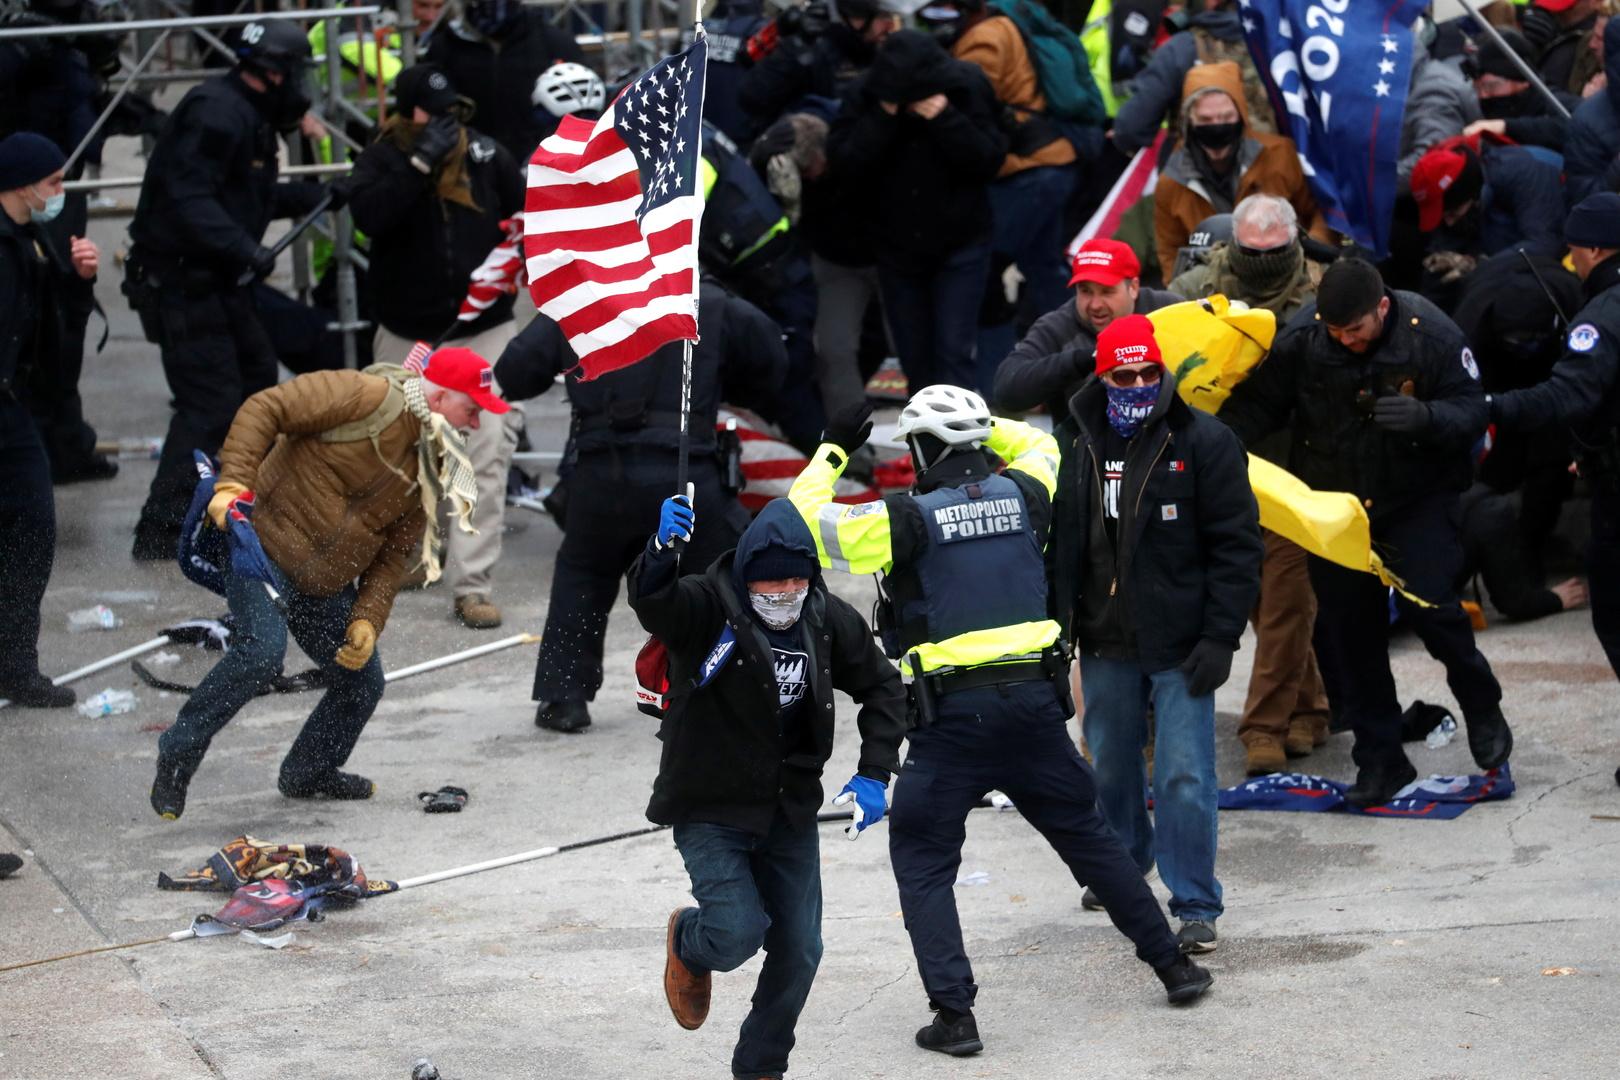 مقتل 4 أشخاص واعتقال 52 آخرين جراء الاحتجاجات في العاصمة الأمريكية واشنطن